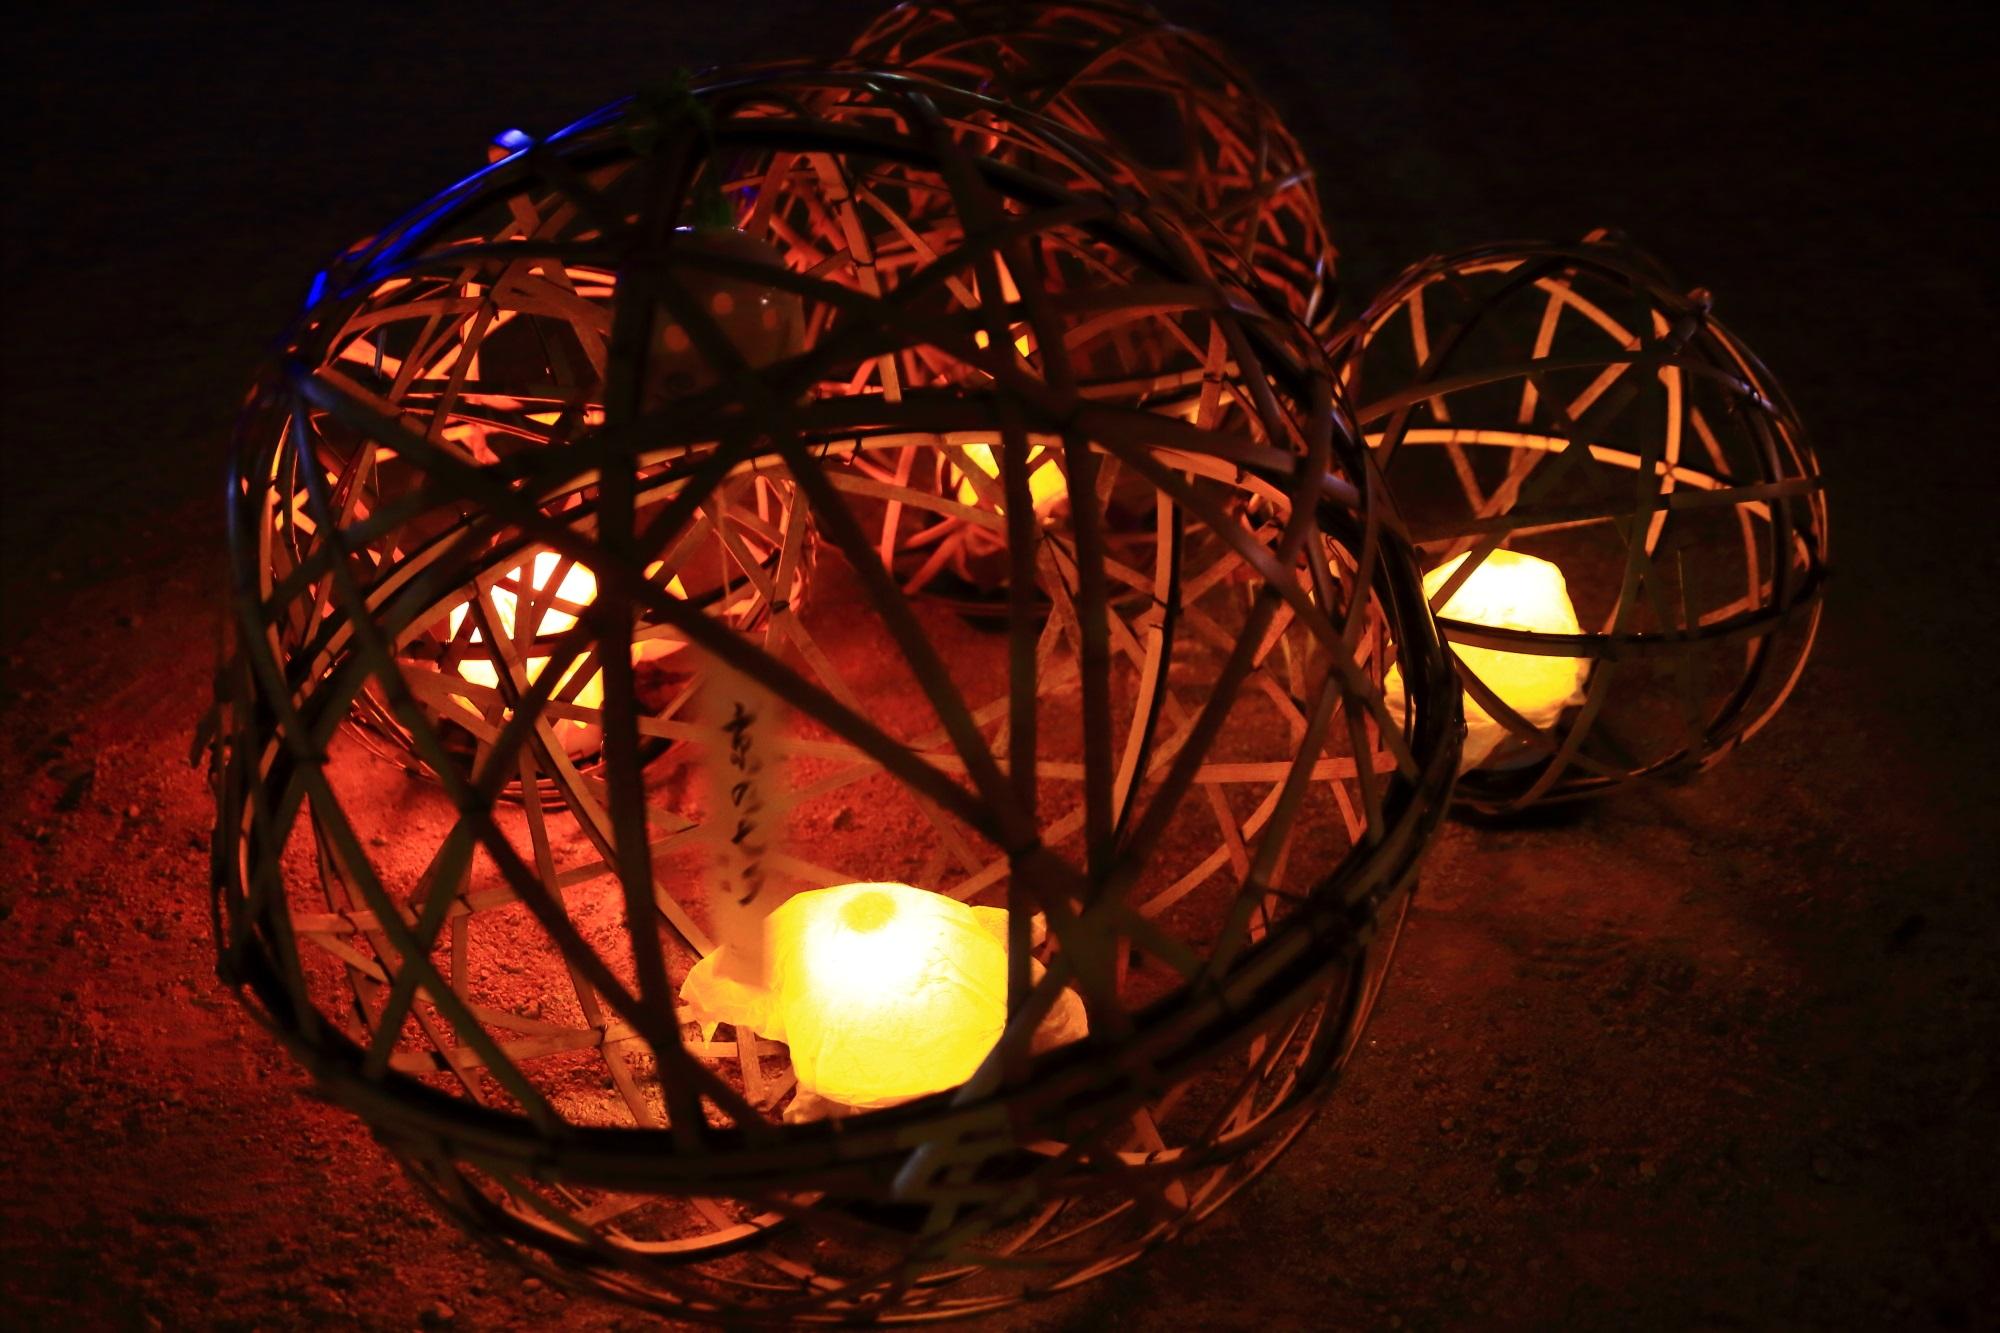 京の七夕鴨川会場の情緒ある風鈴灯